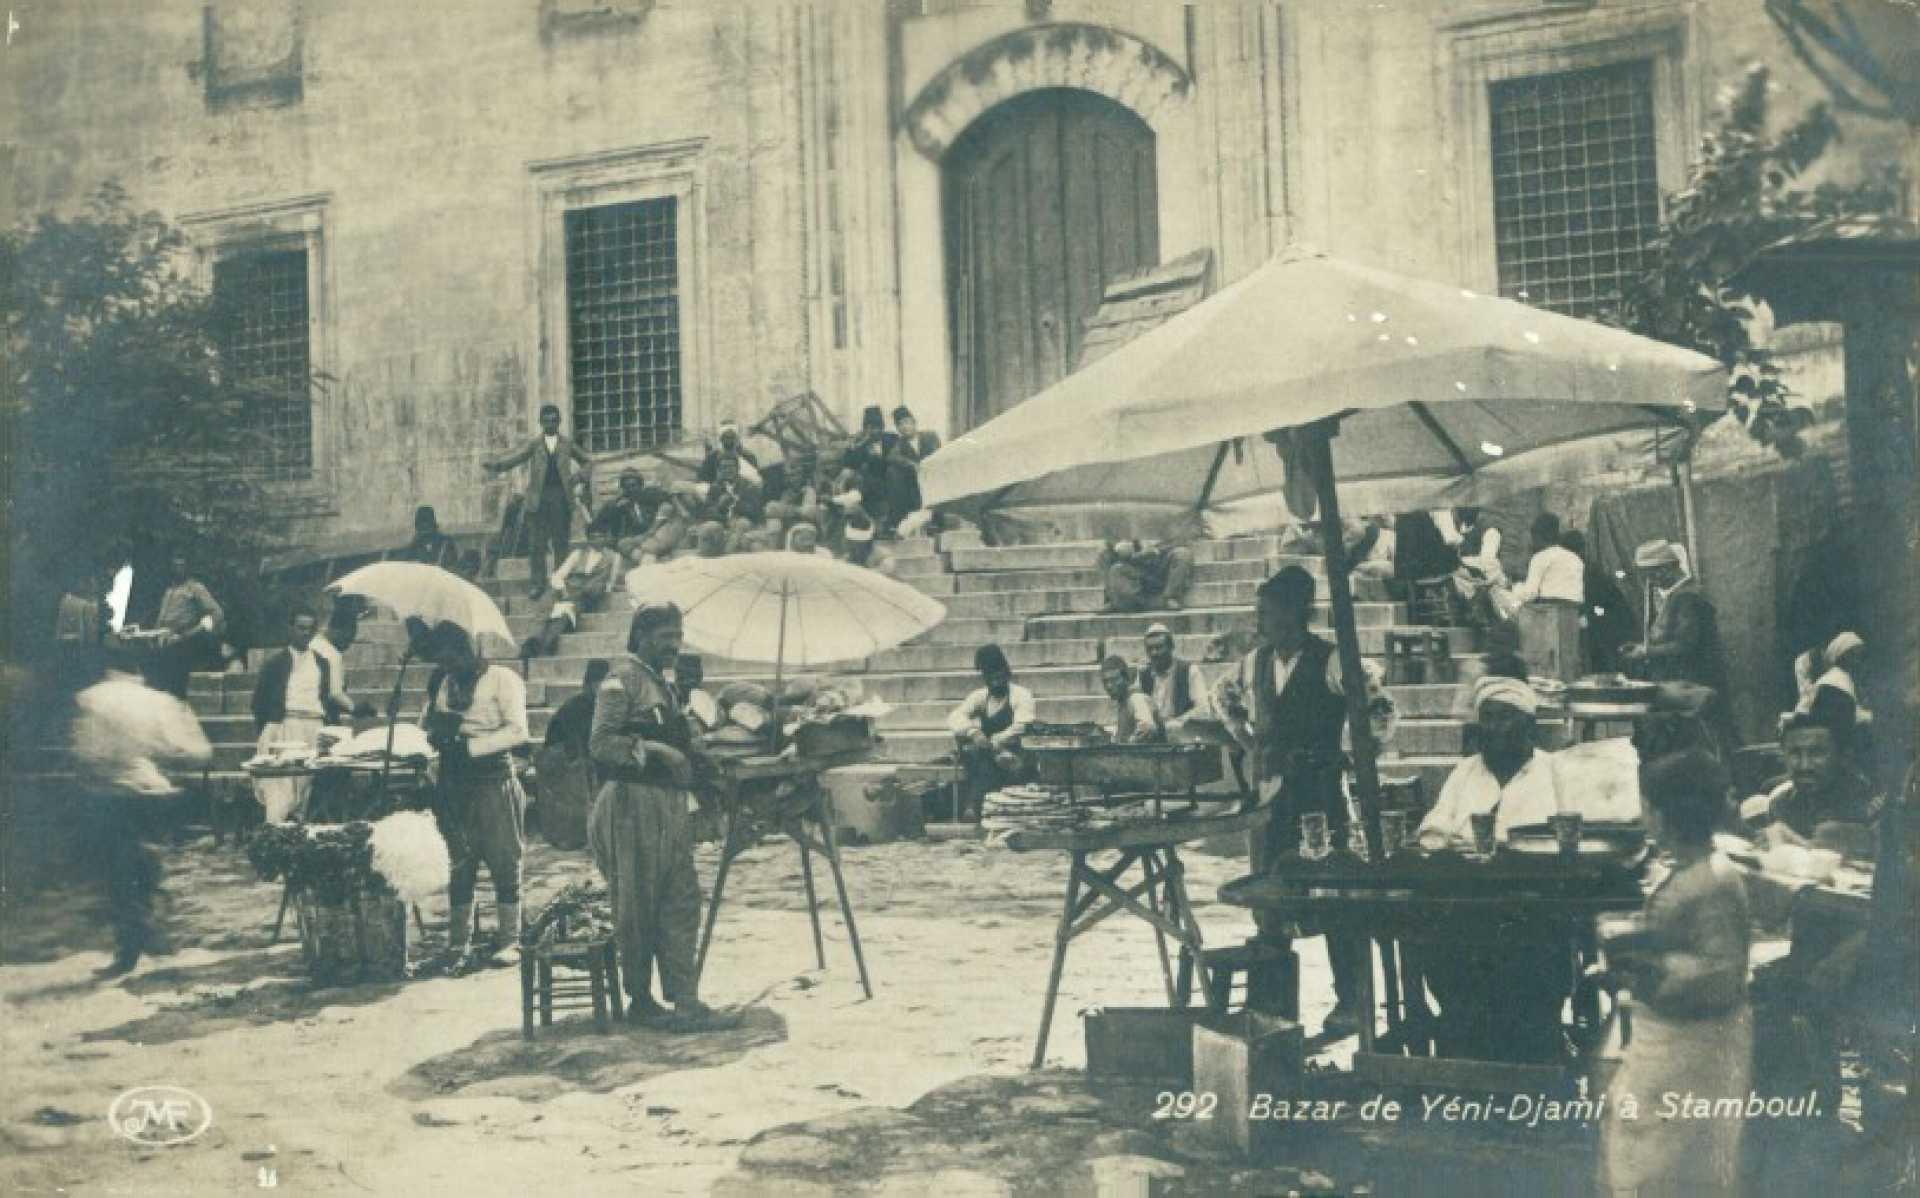 Bazar de Yeni-Djami a Stamboul